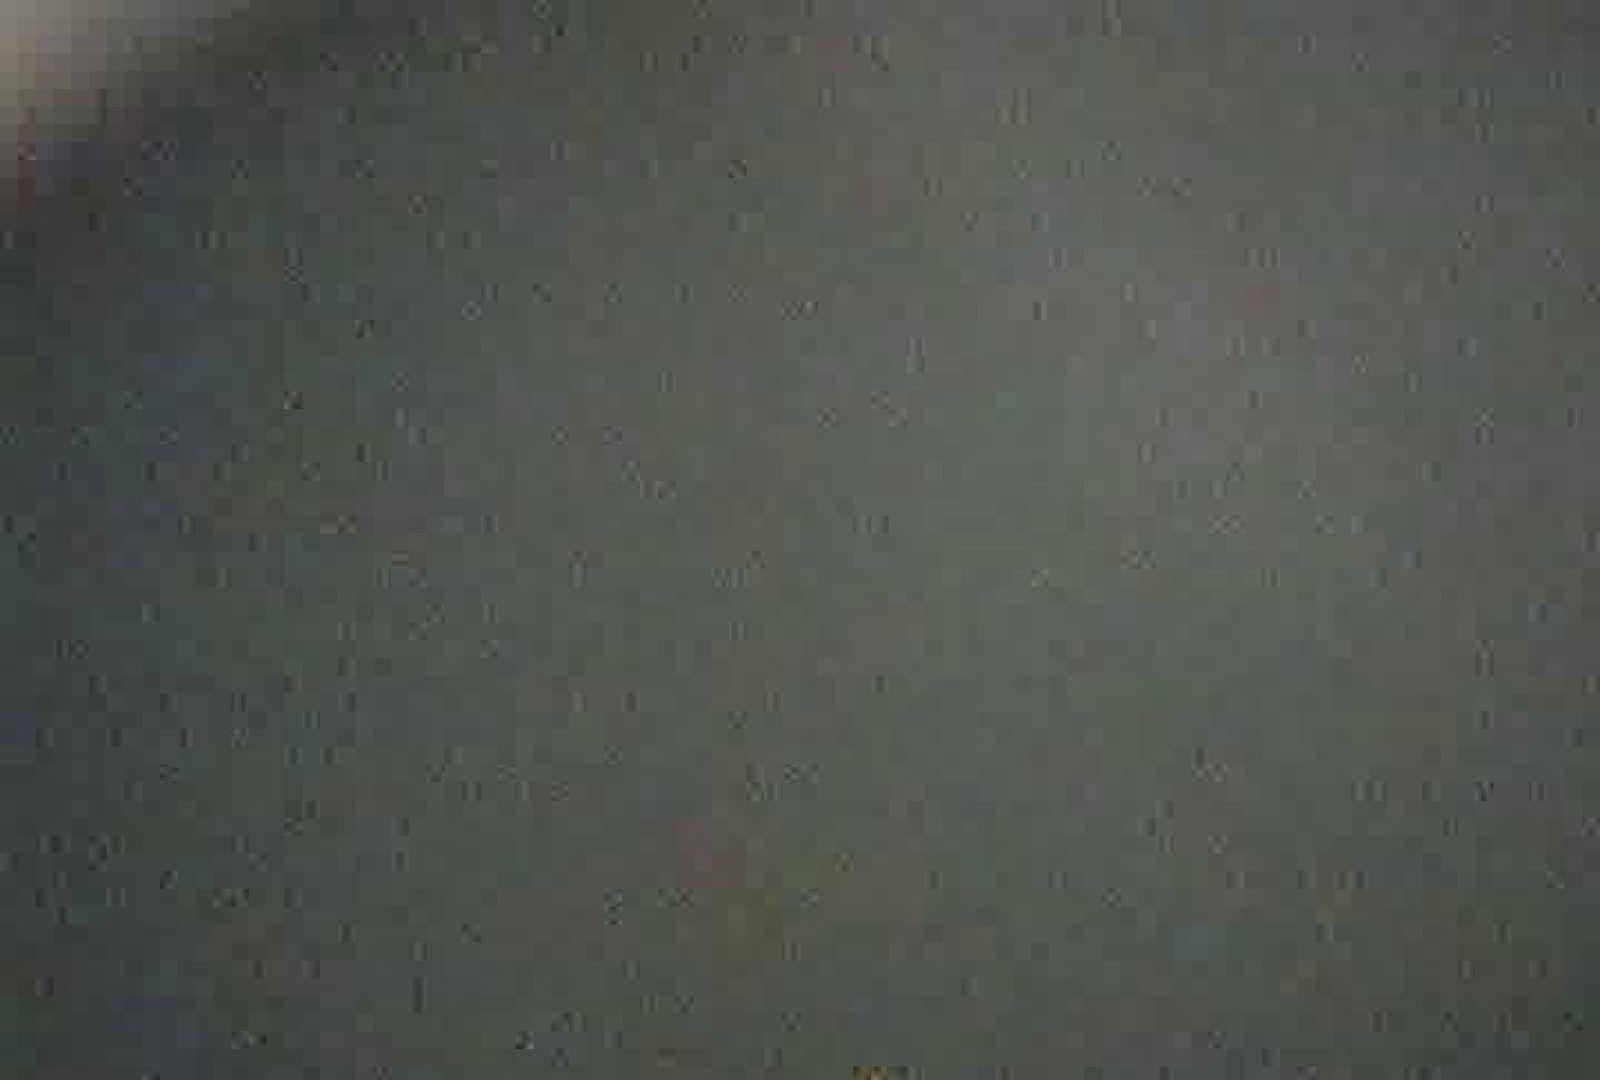 充血監督の深夜の運動会Vol.76 おまんこモロ出し | カップル  99pic 19